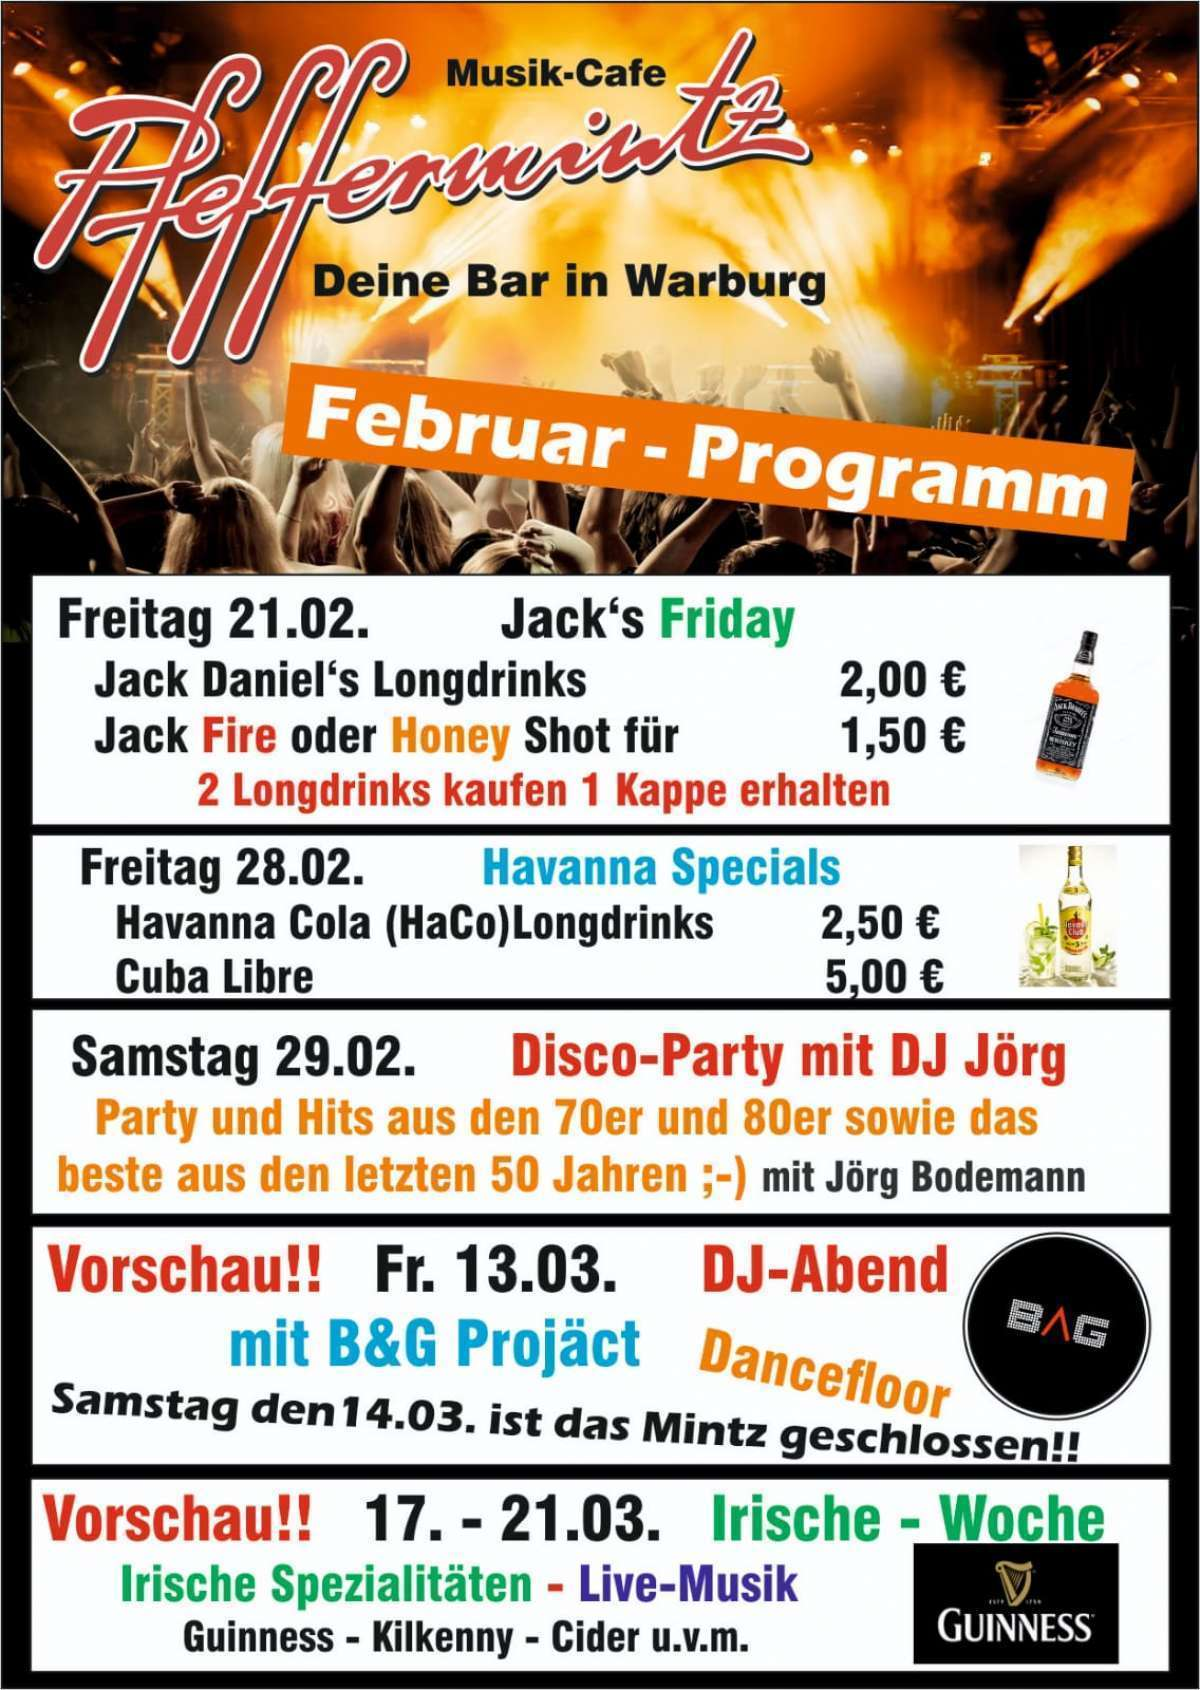 Irische Woche - Musik-Cafe Pfeffermintz - Warburg